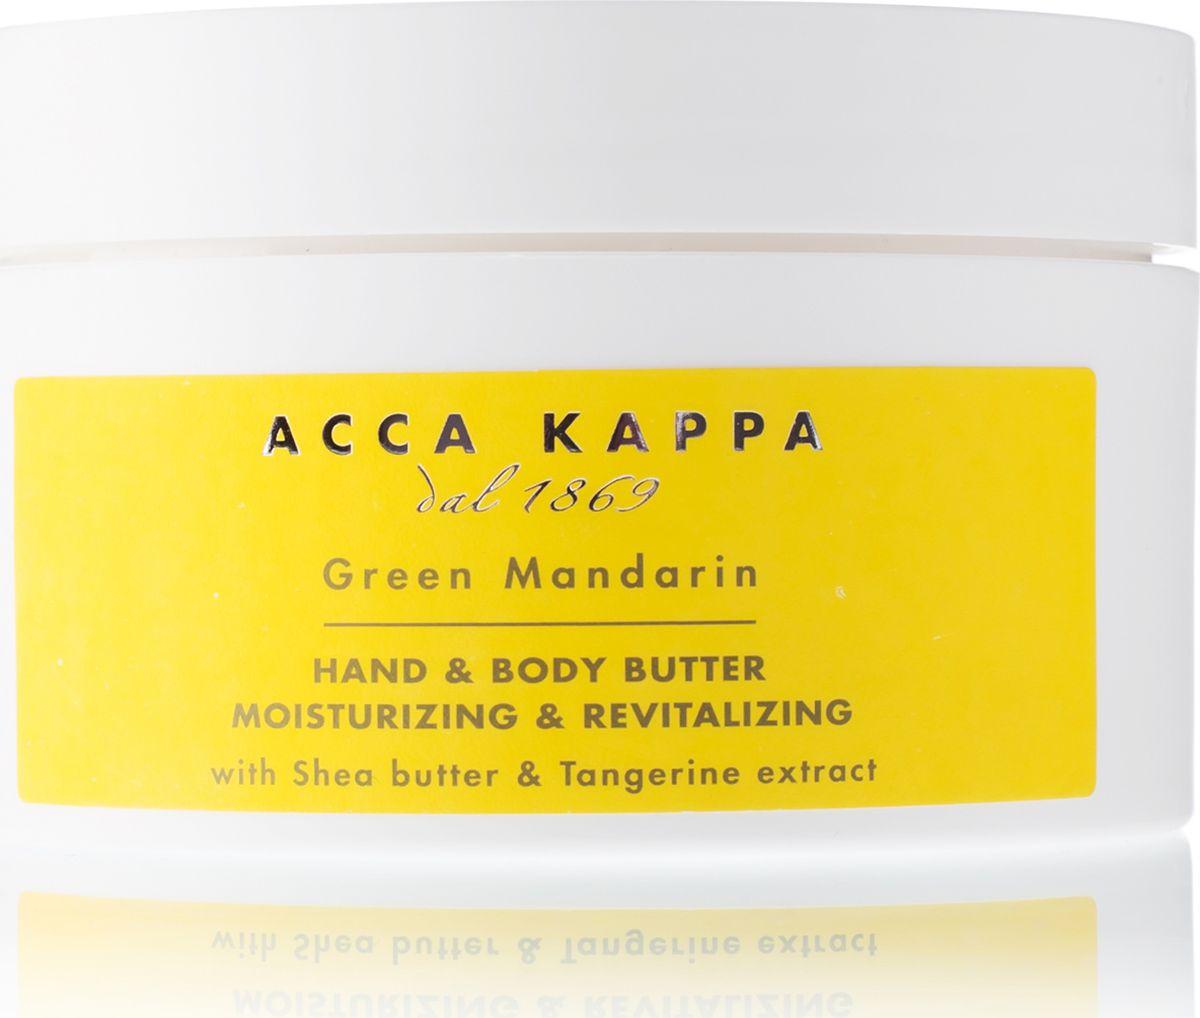 Acca Kappa Масло для рук и тела Зеленый Мандарин 200 млAC-2233_серыйМасло для рук и тела сделано из масла ши и обогащено экстрактом мандарина. Питает, восстанавливает и защищает кожу, оставляя ее естественно увлажненной.